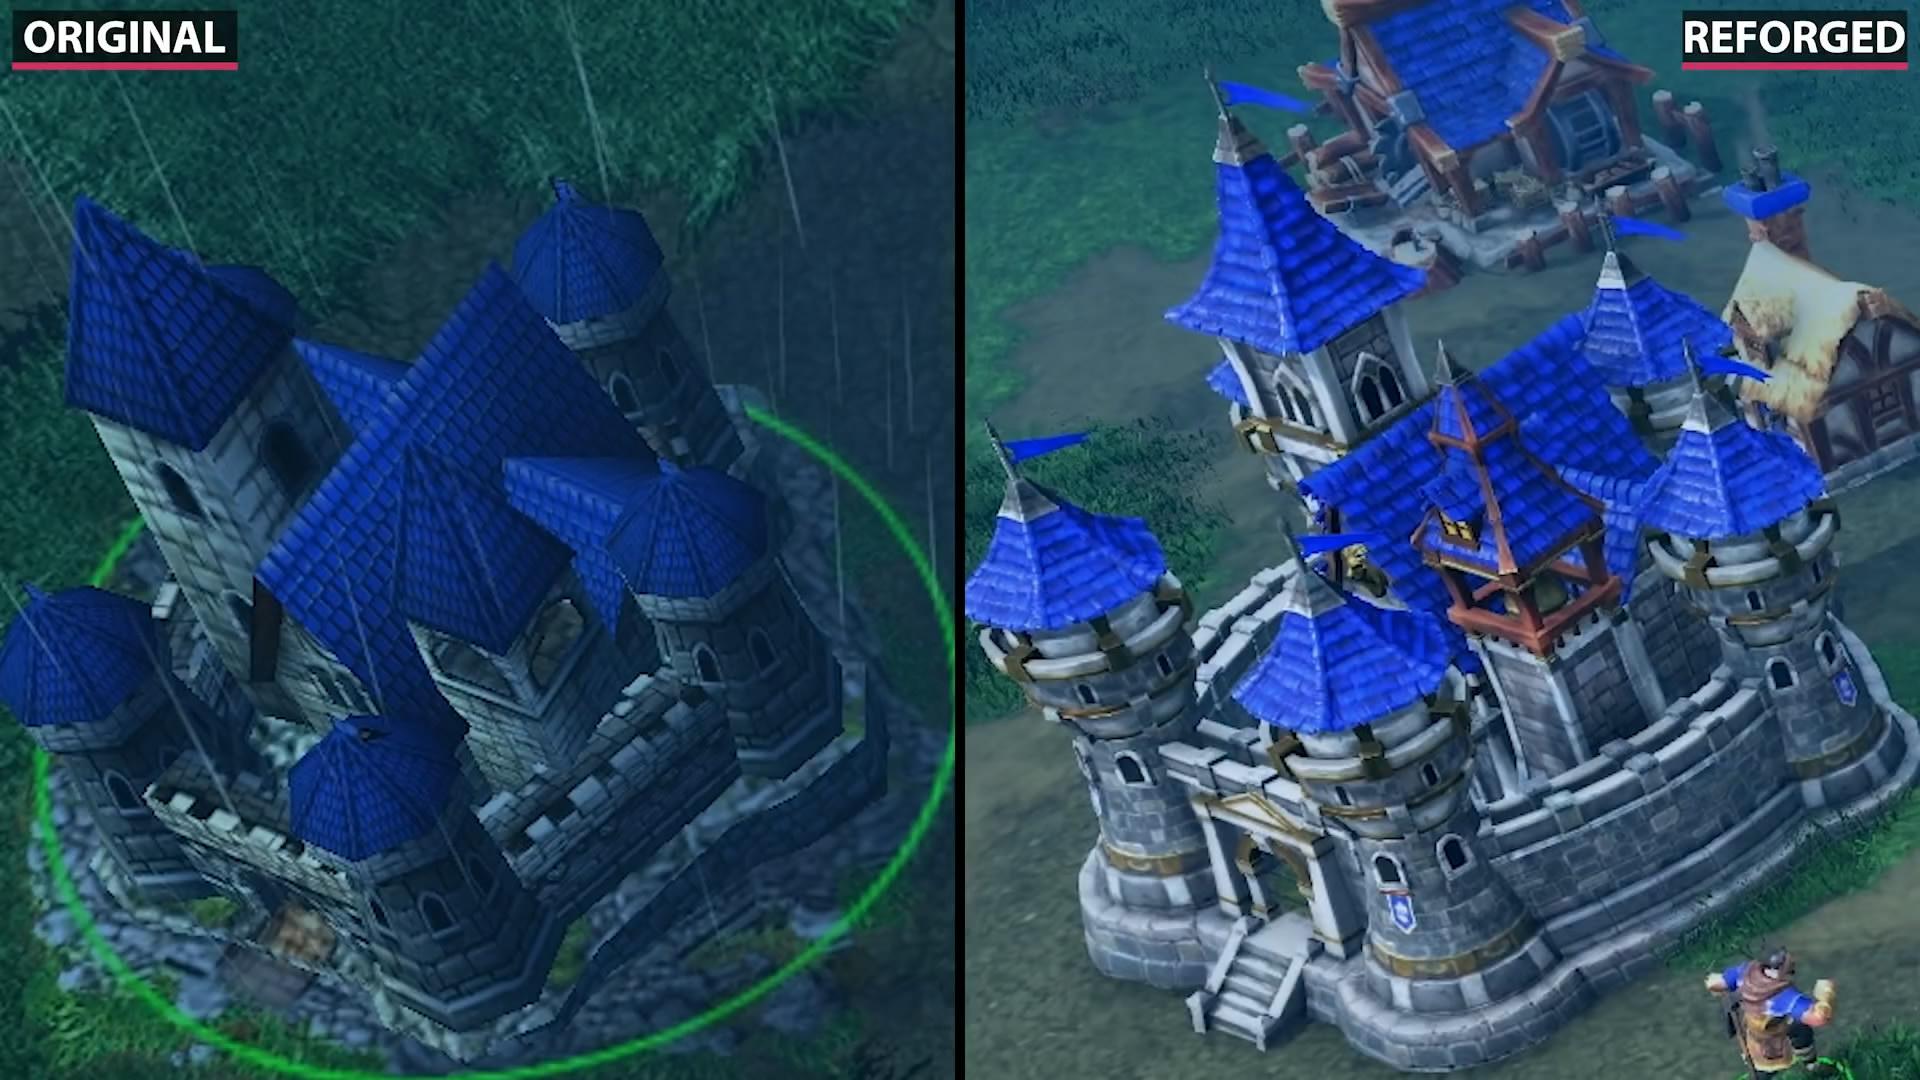 《魔兽争霸3》重制版与原版对比视频 重制画面效果更出色